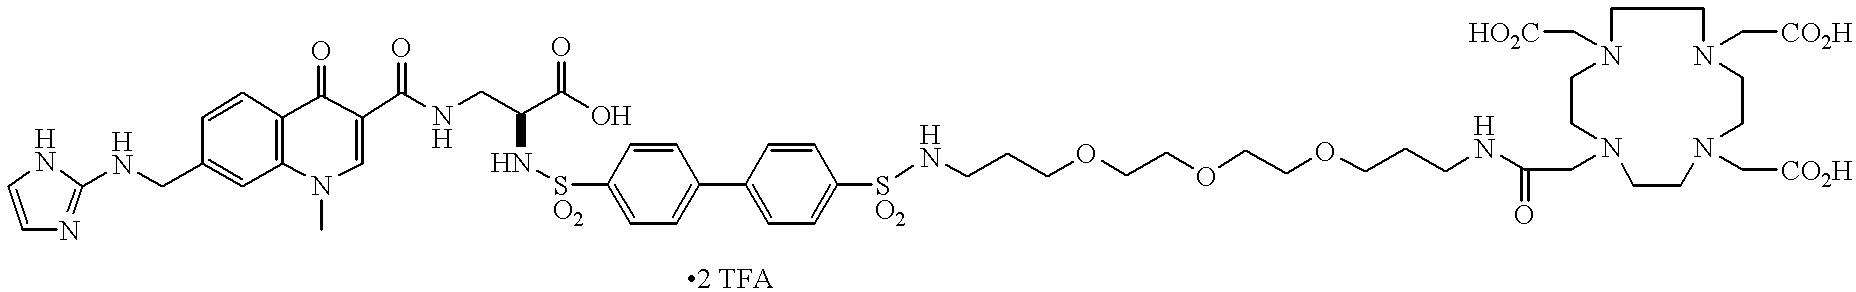 Figure US06683163-20040127-C00048